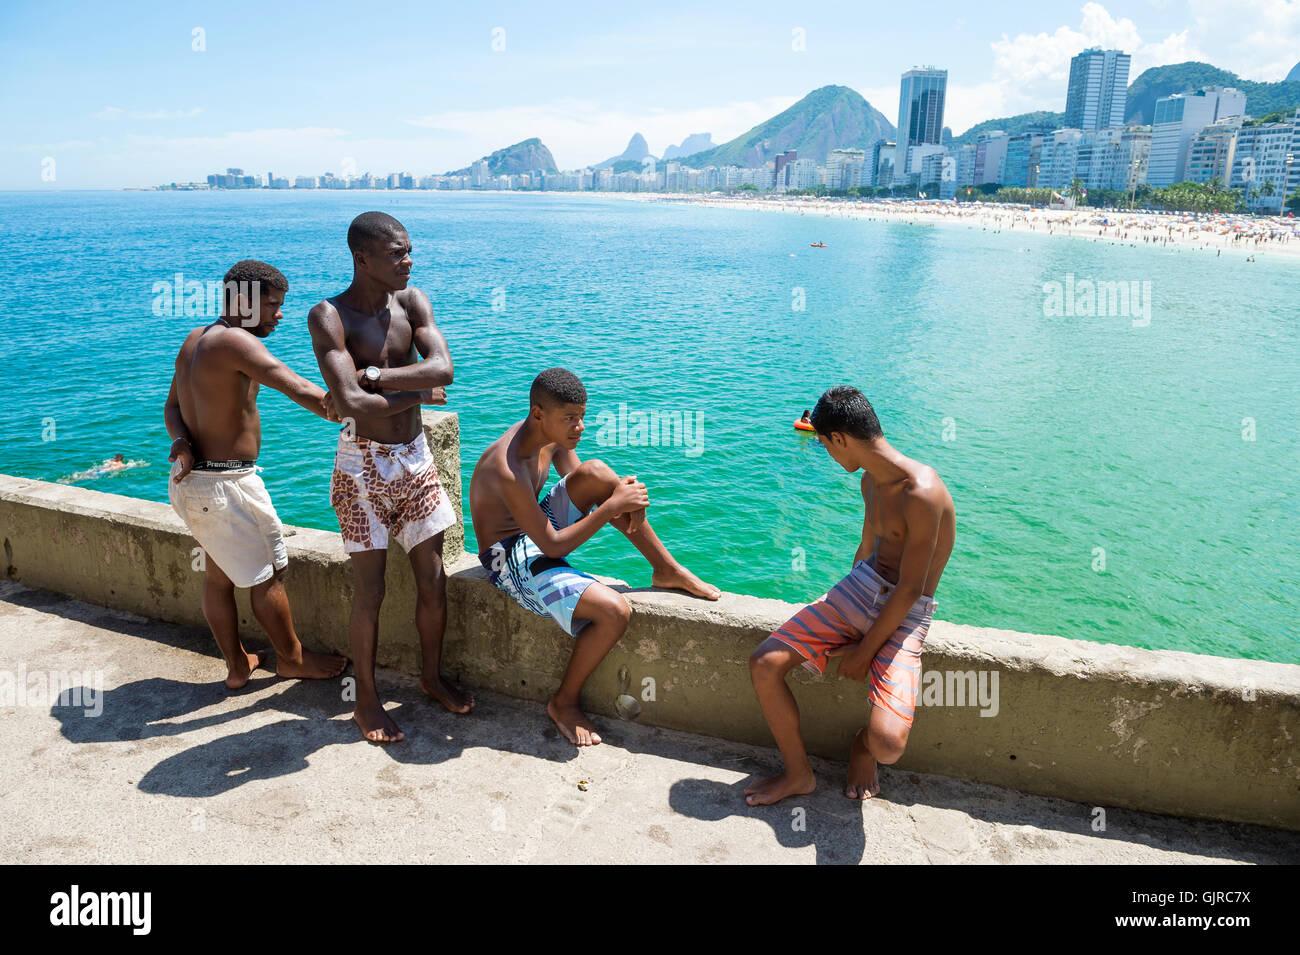 RIO DE JANEIRO - Febrero 27, 2016: Los jóvenes brasileños se reúnen para bucear desde la cornisa Imagen De Stock